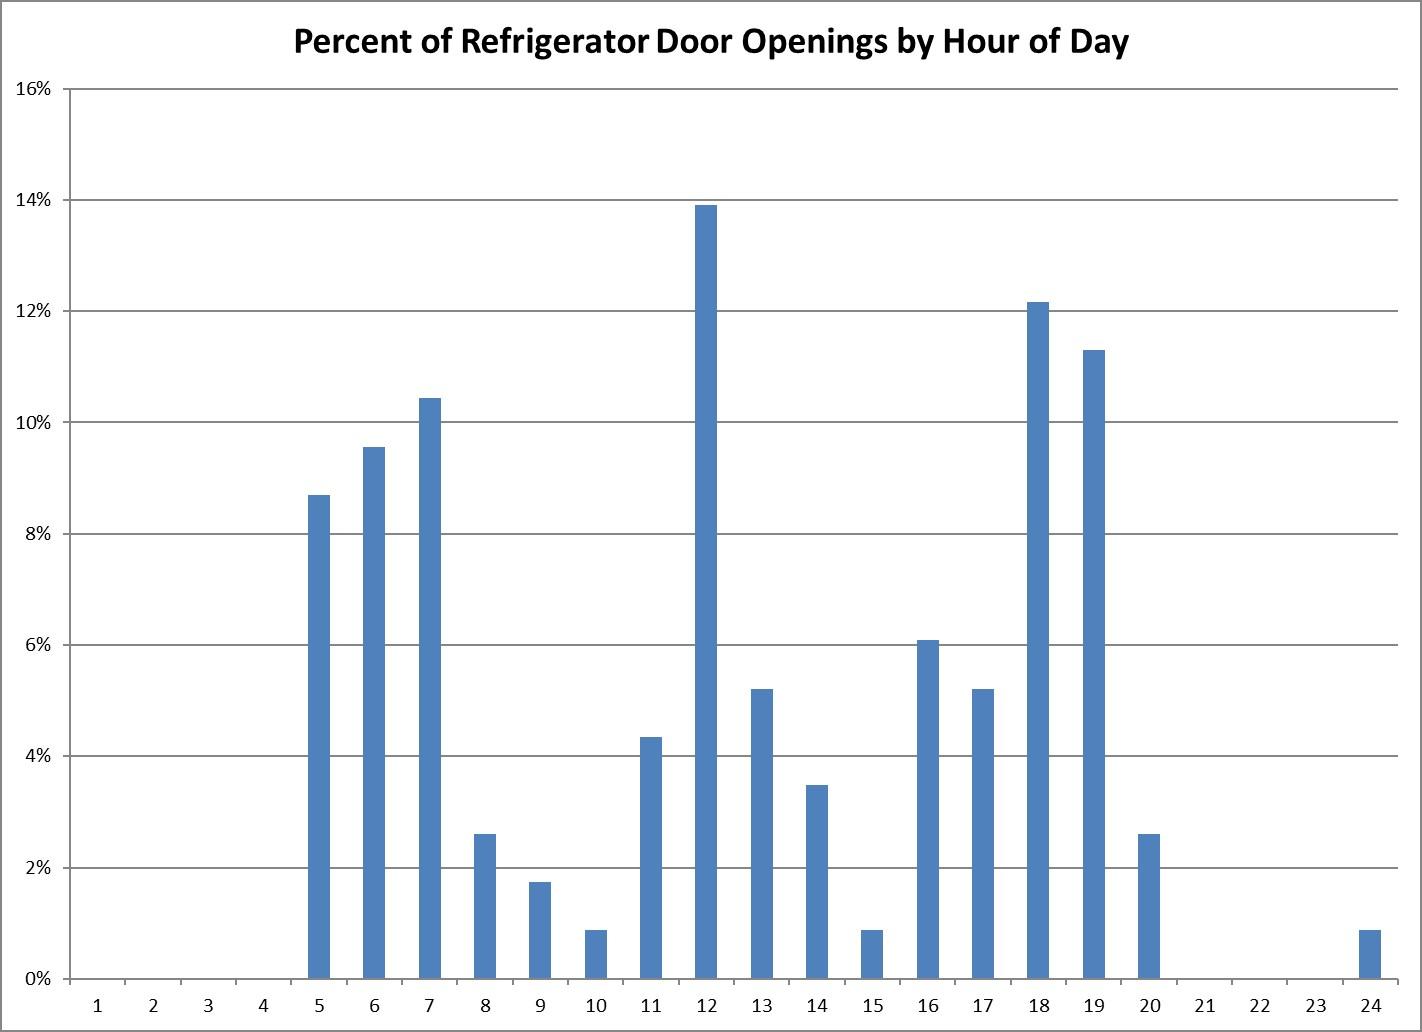 Refrigerator Door Opening by Hour